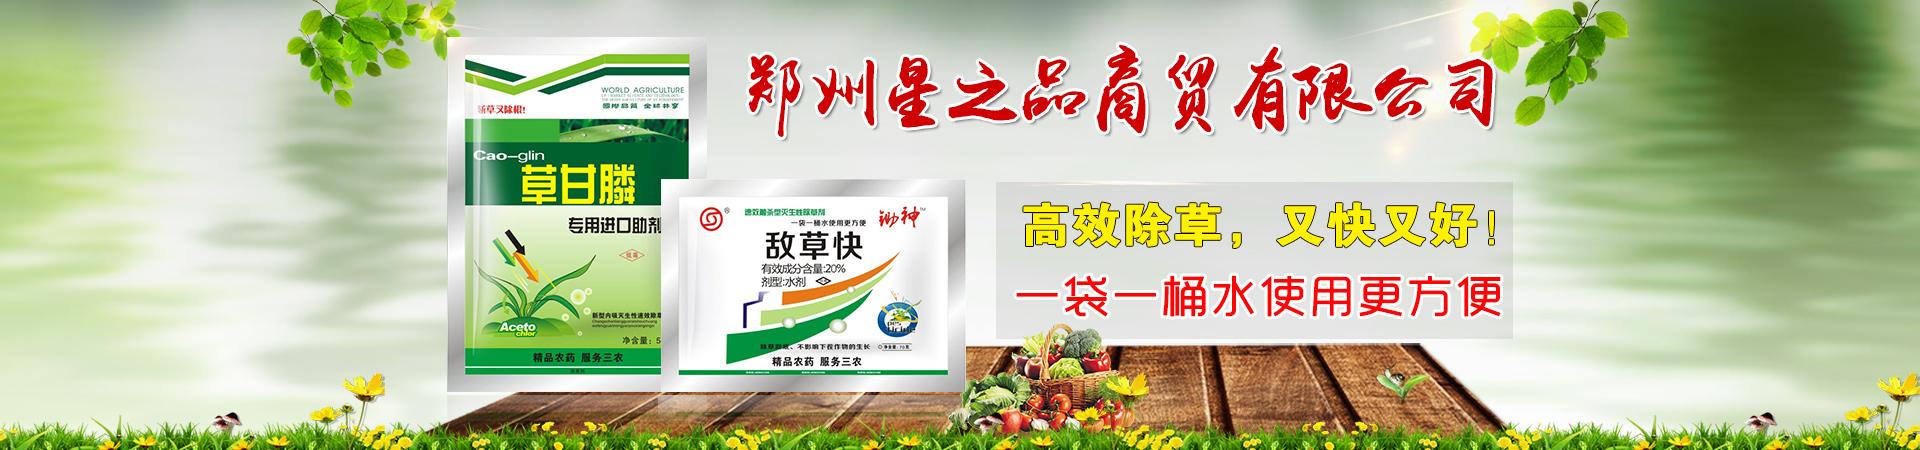 郑州星之品商贸有限公司